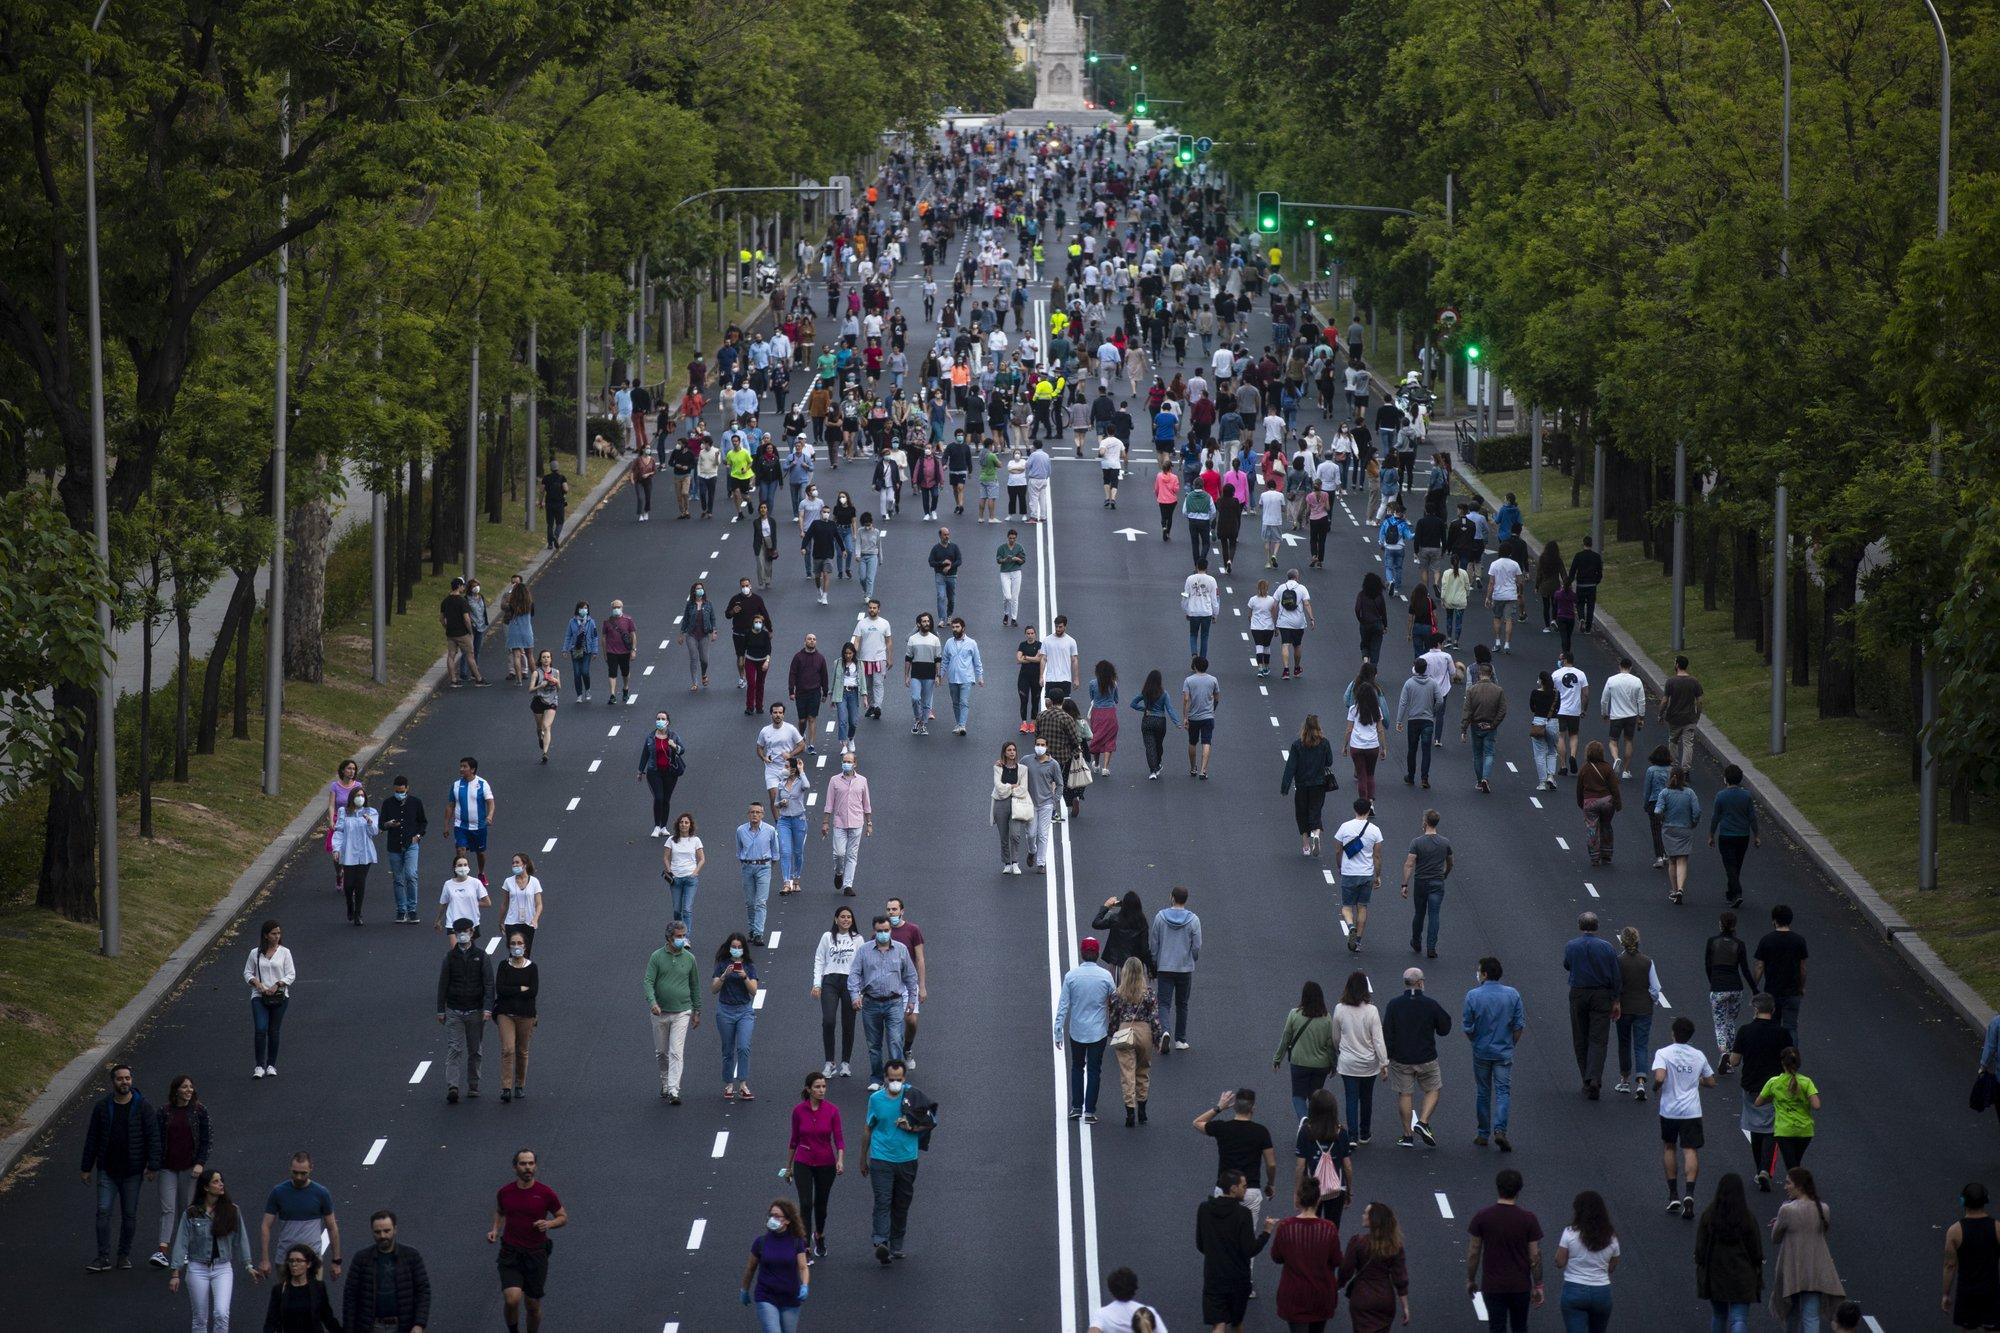 Espanha atinge 1 milhão de casos COVID-19 confirmados